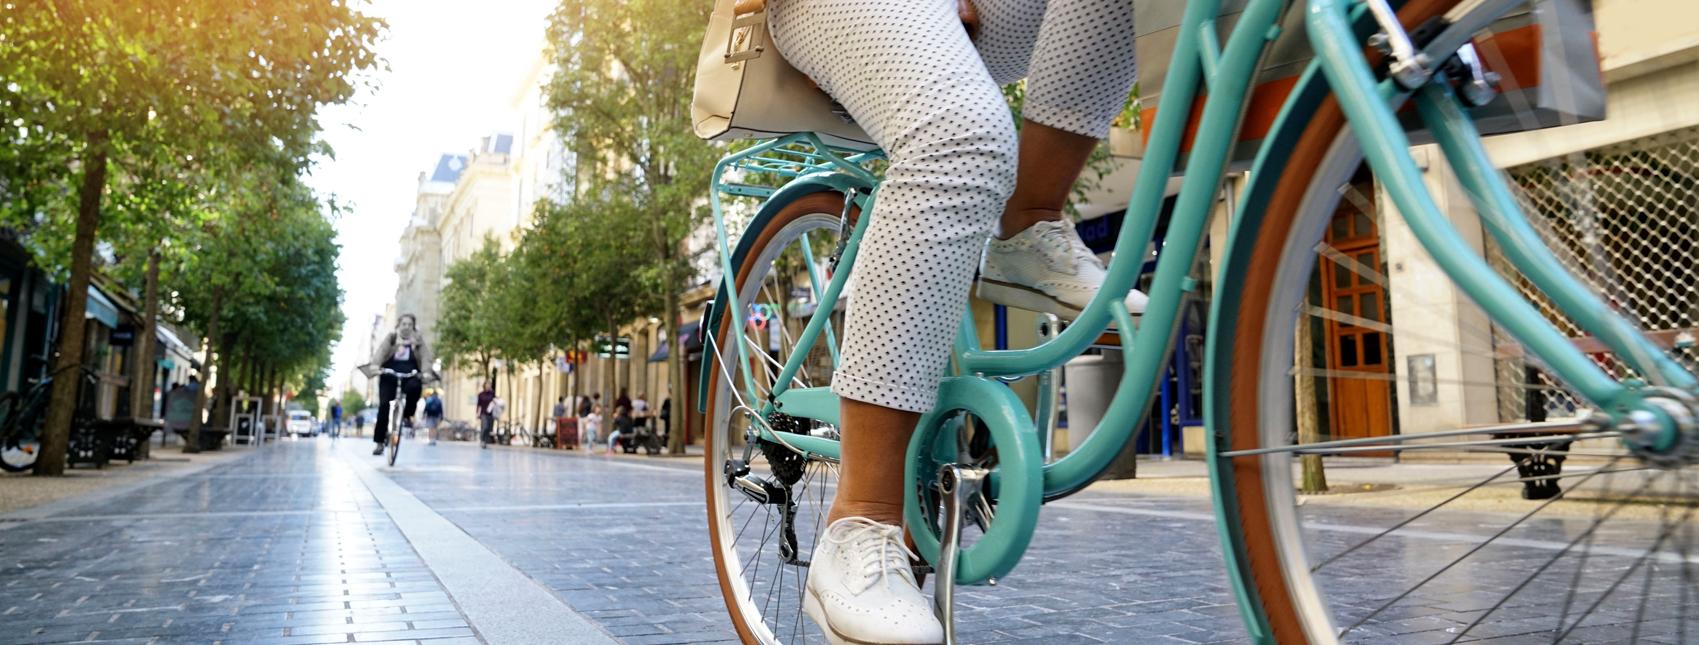 bicicleta ciudades